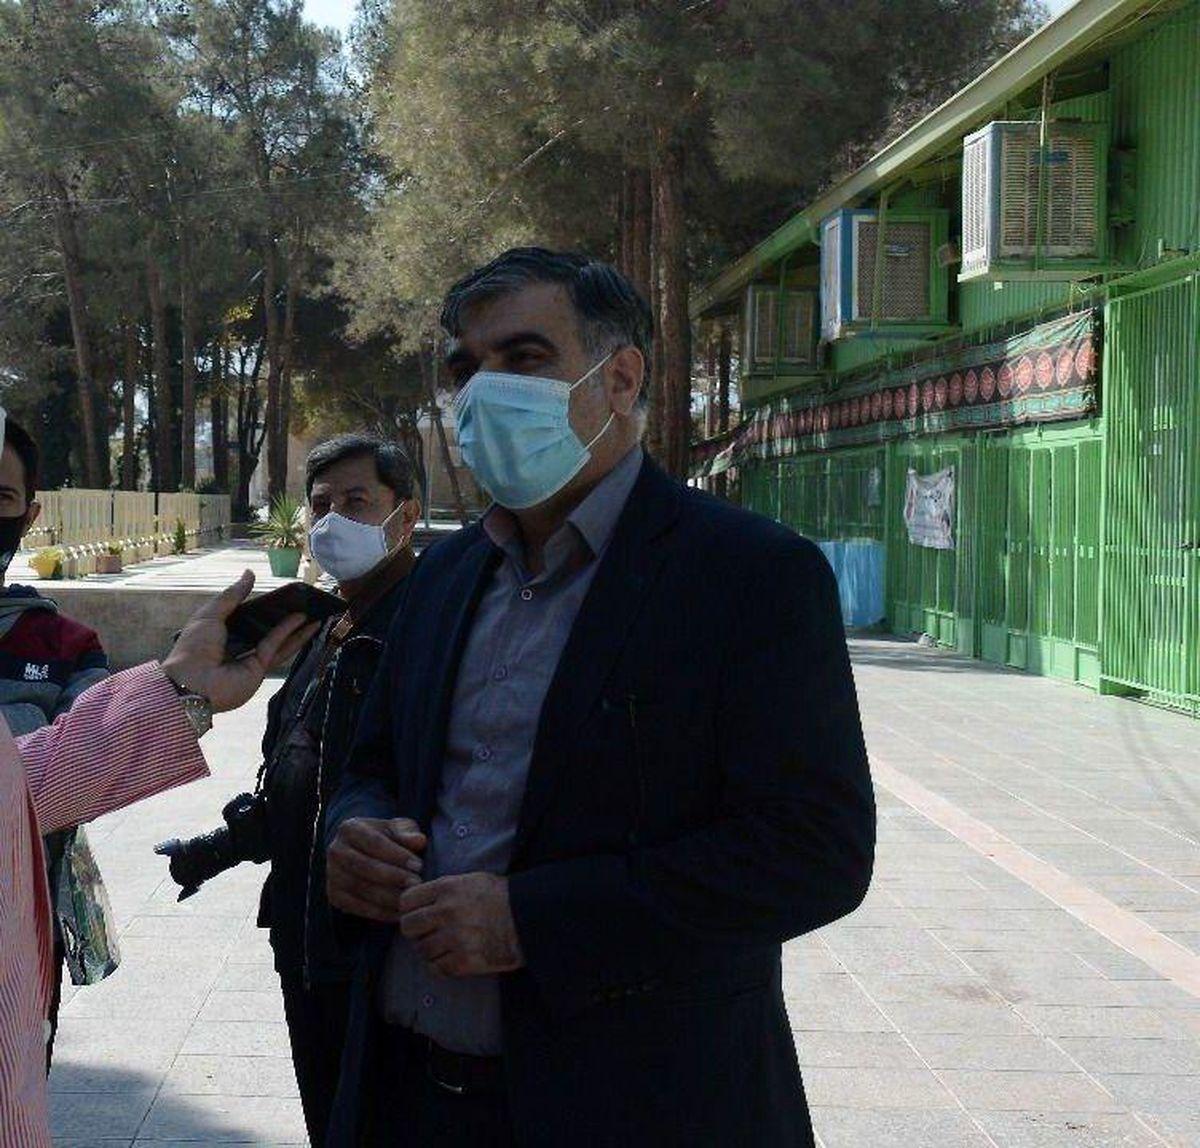 اصفهان پتانسیل بالای در فوتبال، فوتسال و فوتبال ساحلی دارد